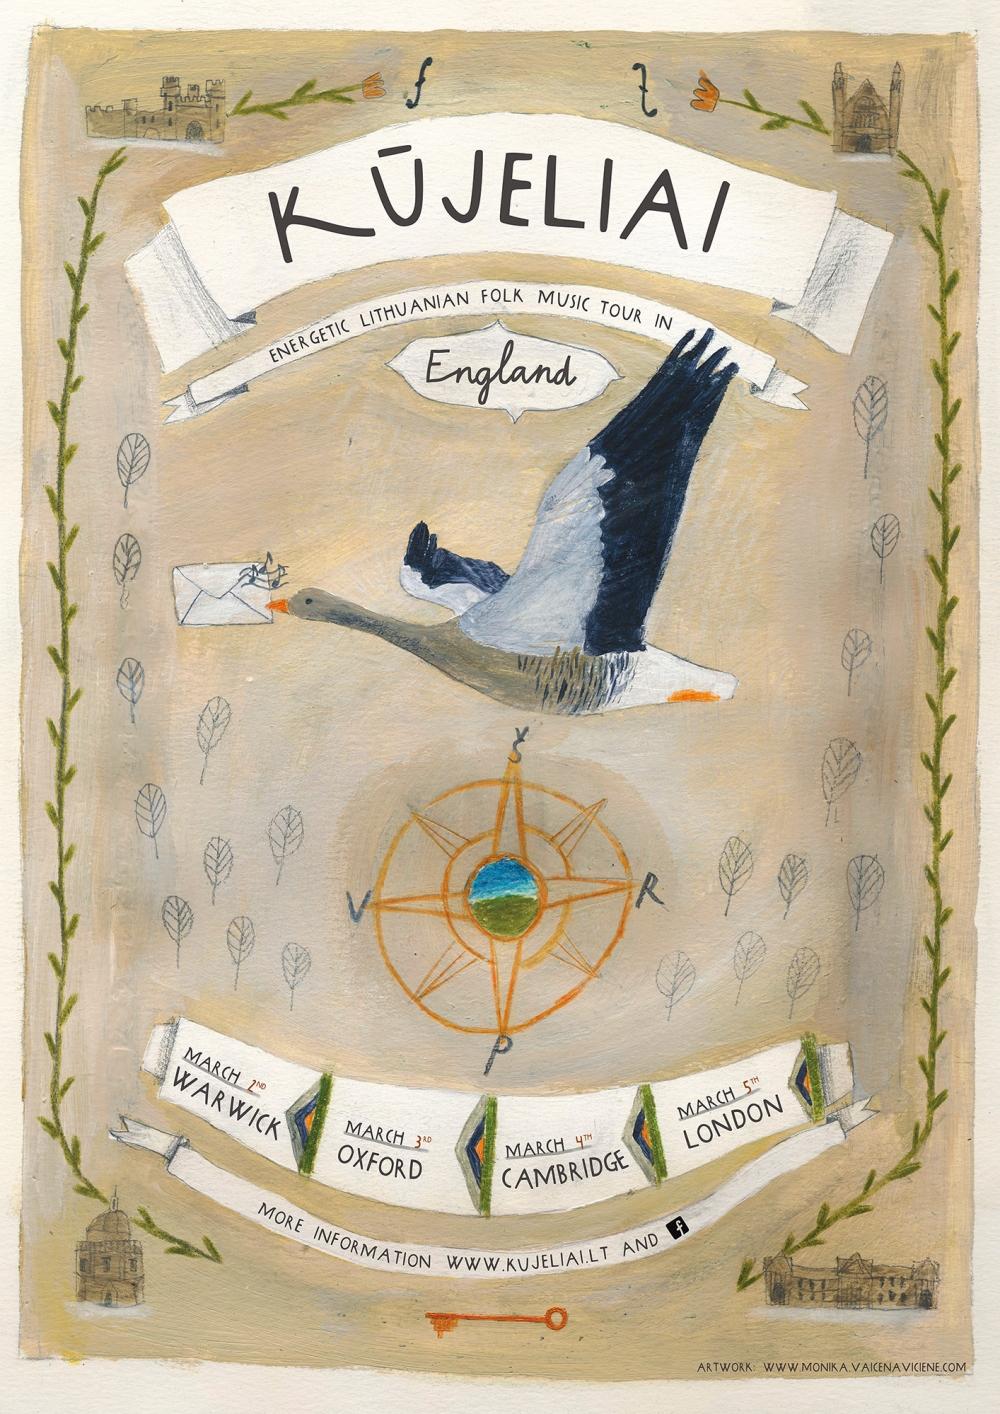 Kūjeliai Tour in England Poster